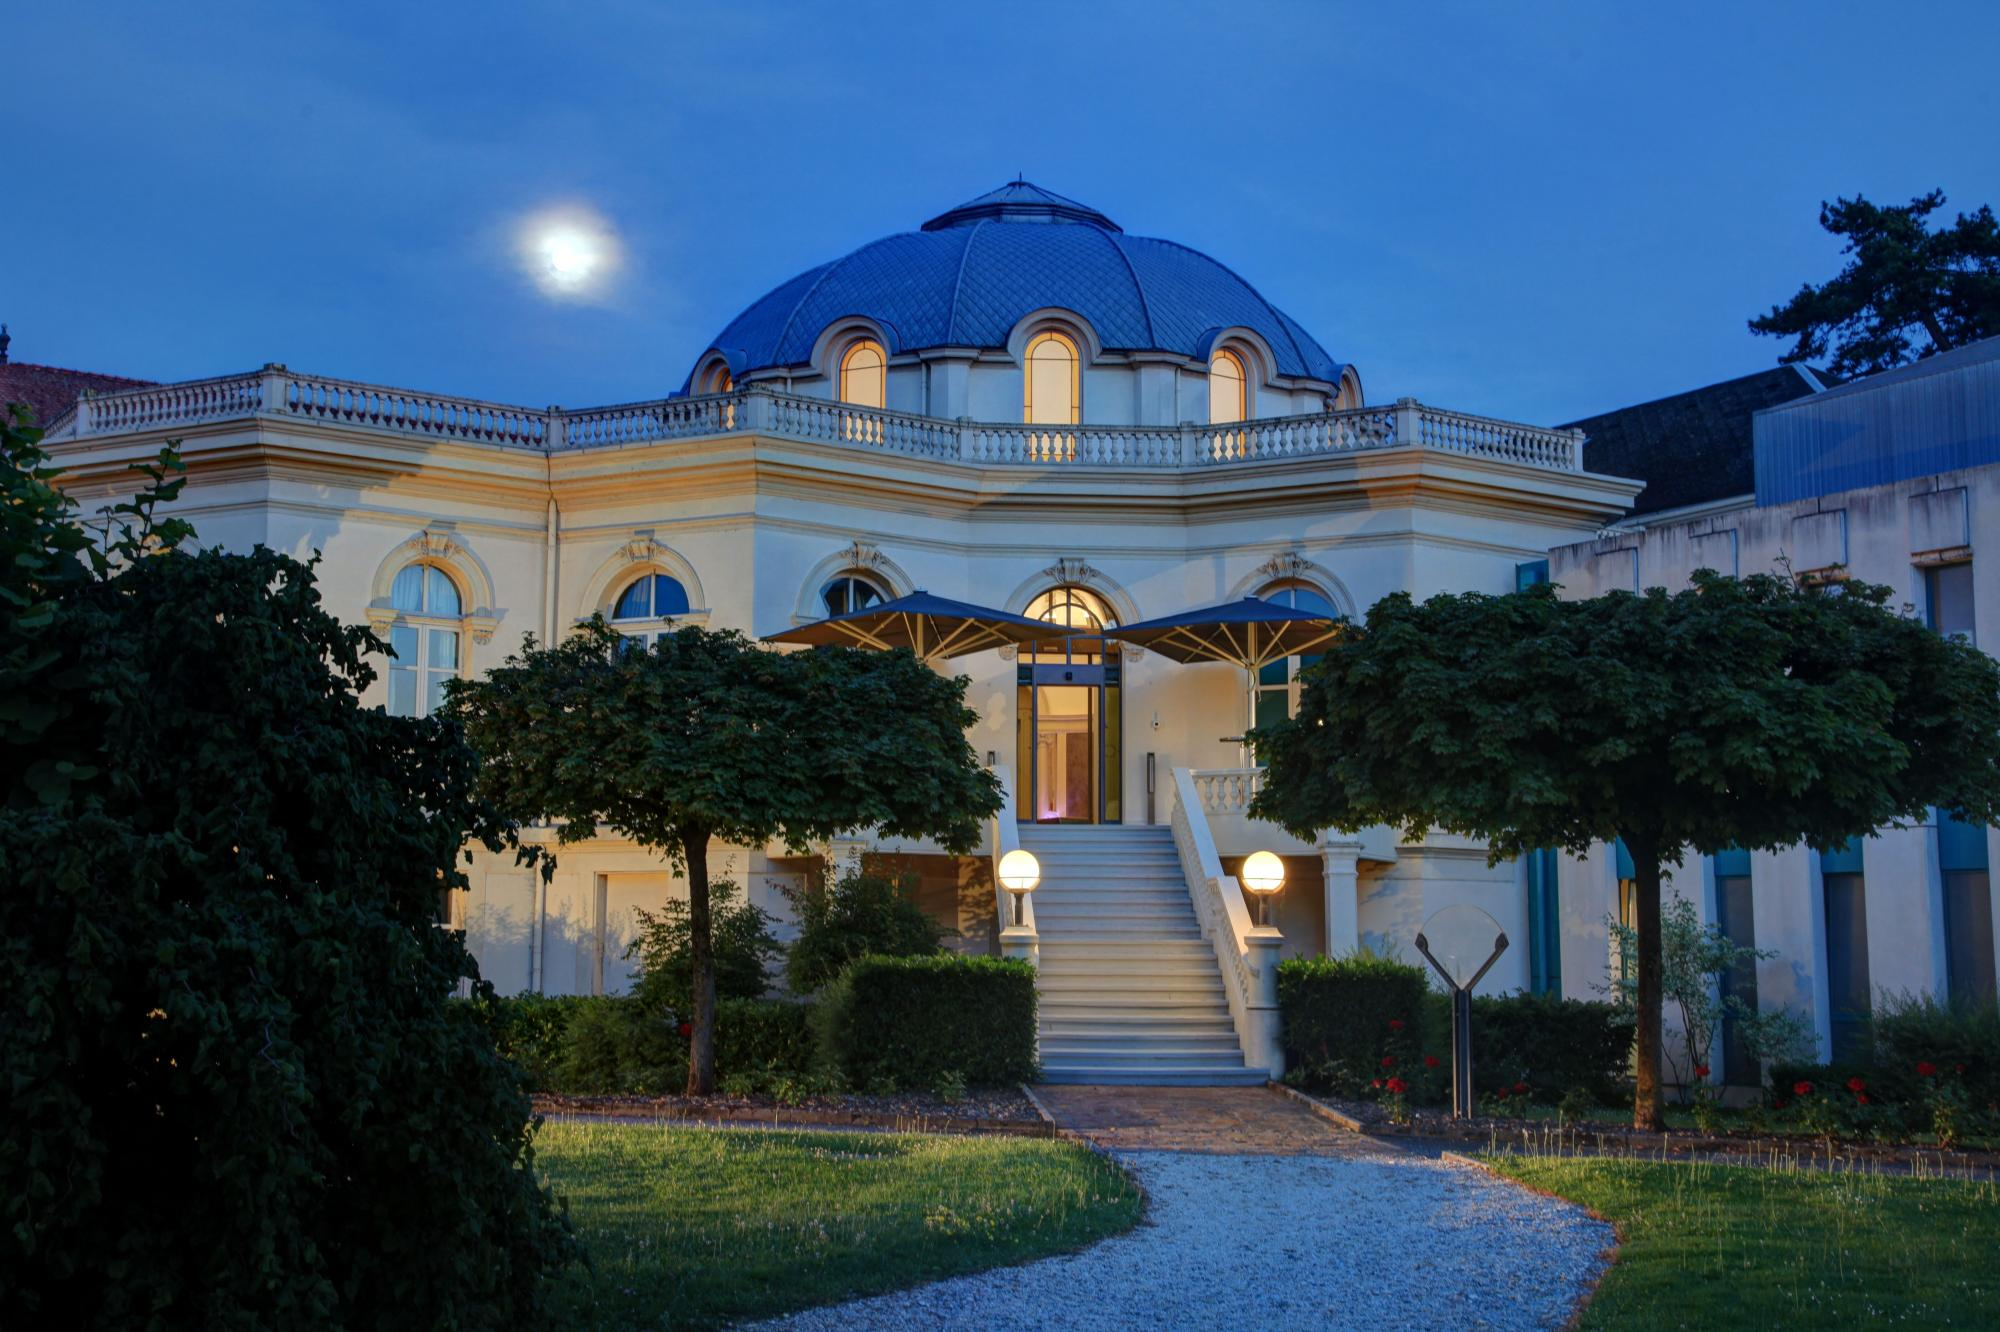 Grand hotel des bains yverdon les bains region jura lac for Grand hotel des bain